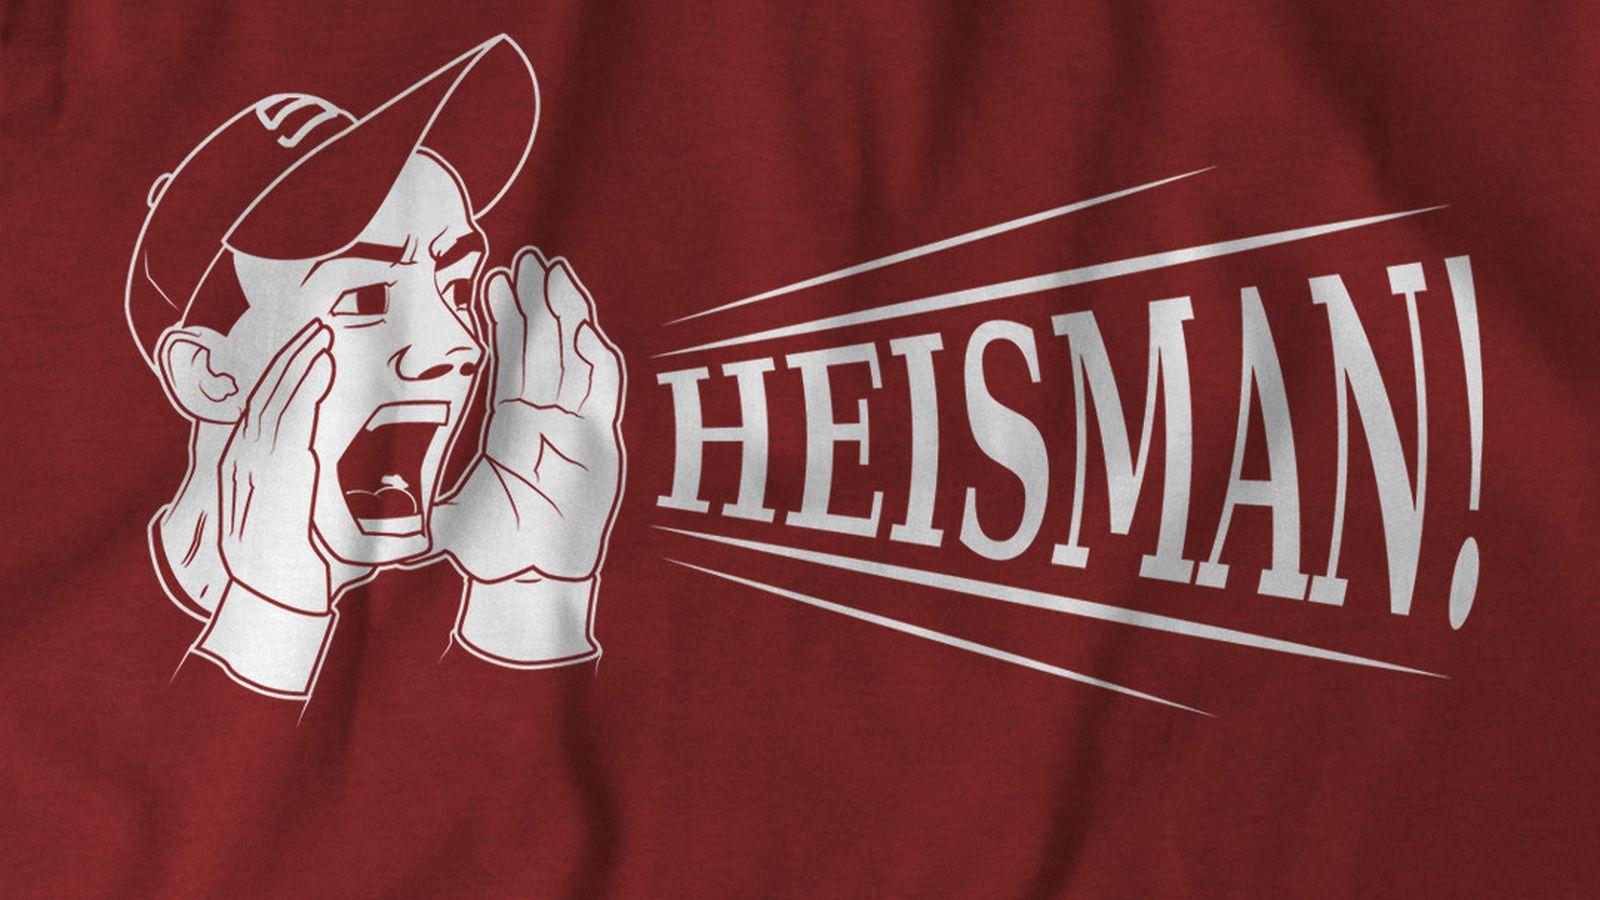 Stanford-heisman.0.0